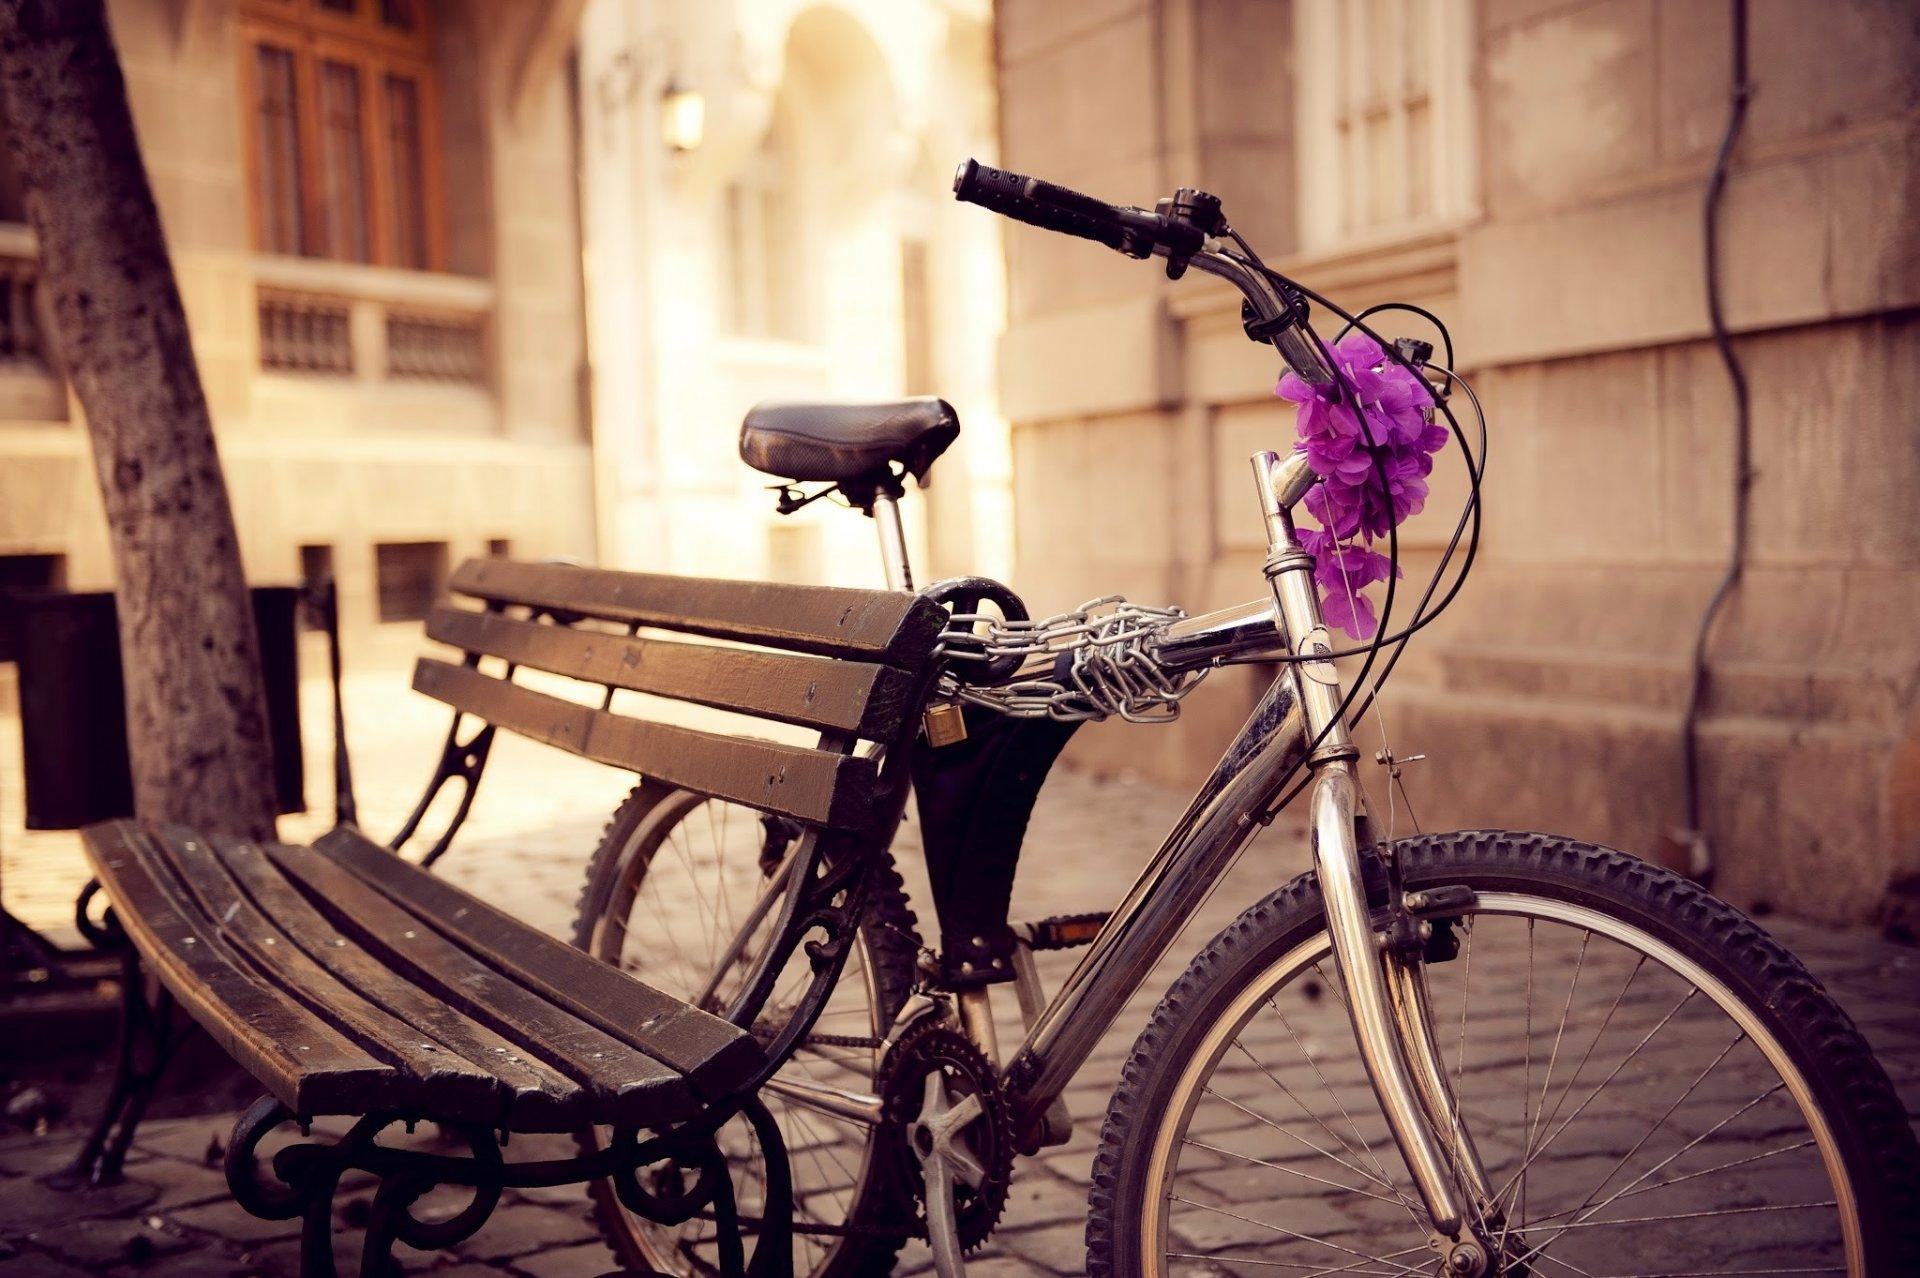 оснащены картинки з велосипедами их, несмотря нестандартную